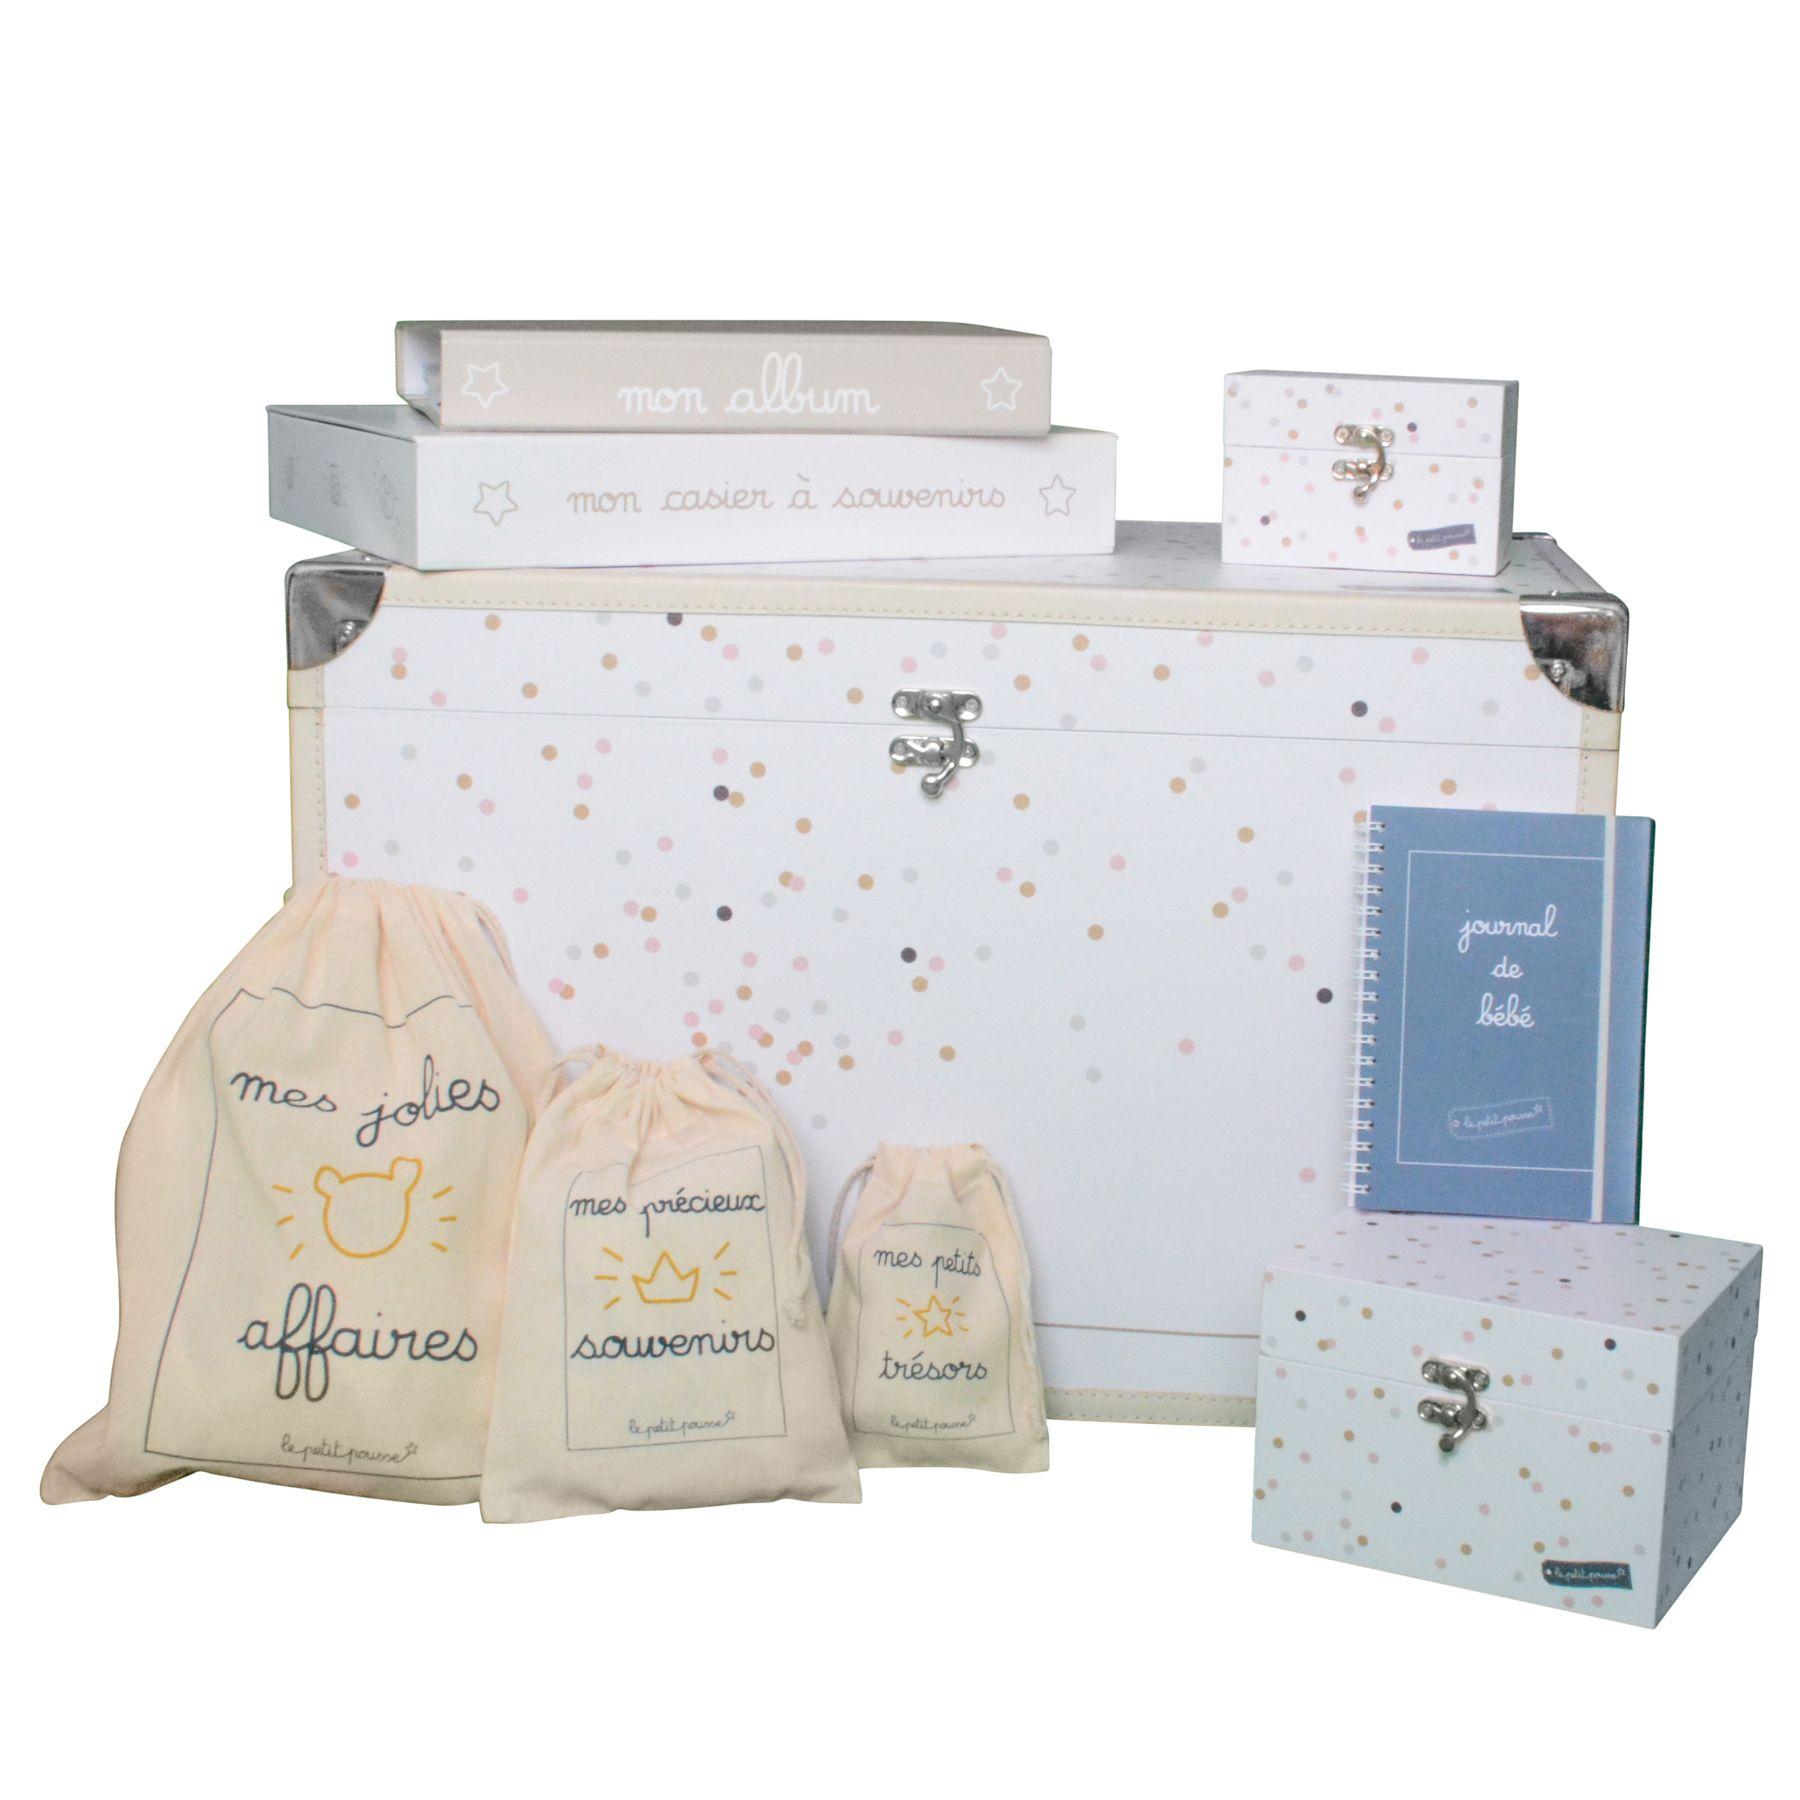 24b836cf0be7a Retrouvez nos 10 idées de  cadeaux pour combler bébé et ses parents lors d